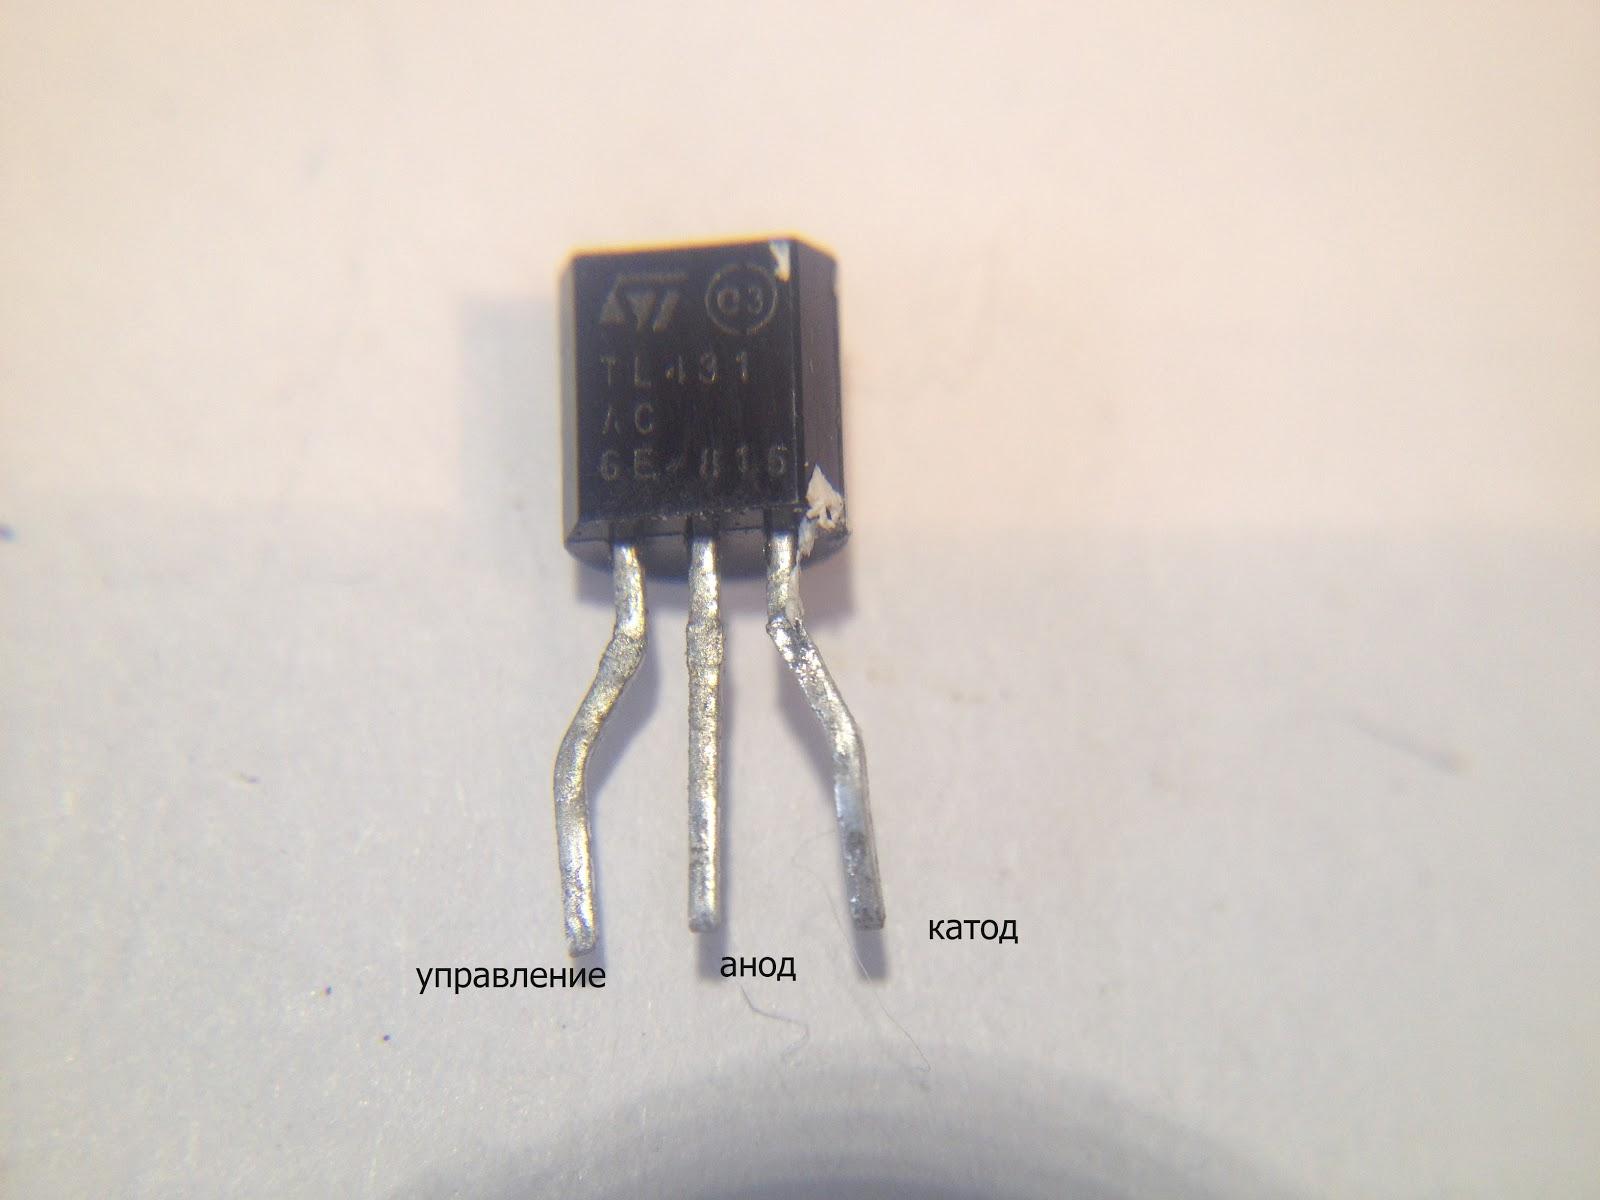 Микросхема lm324 (n)